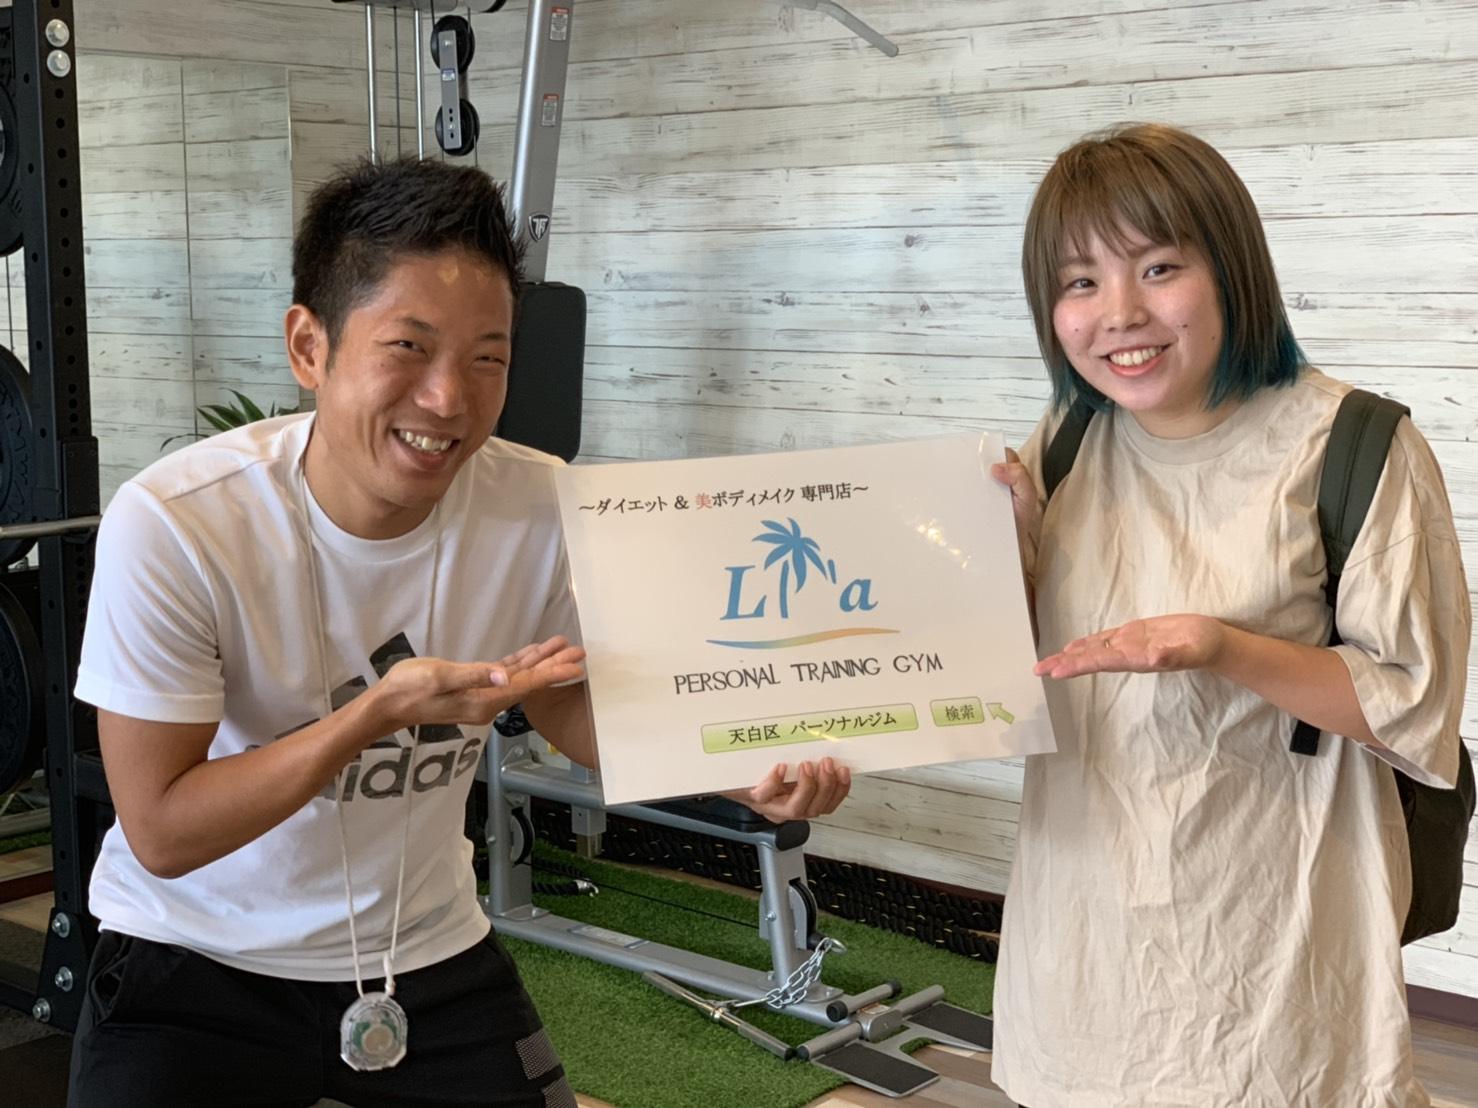 名古屋市のパーソナルトレーナーが女性と一緒に写真を撮っている